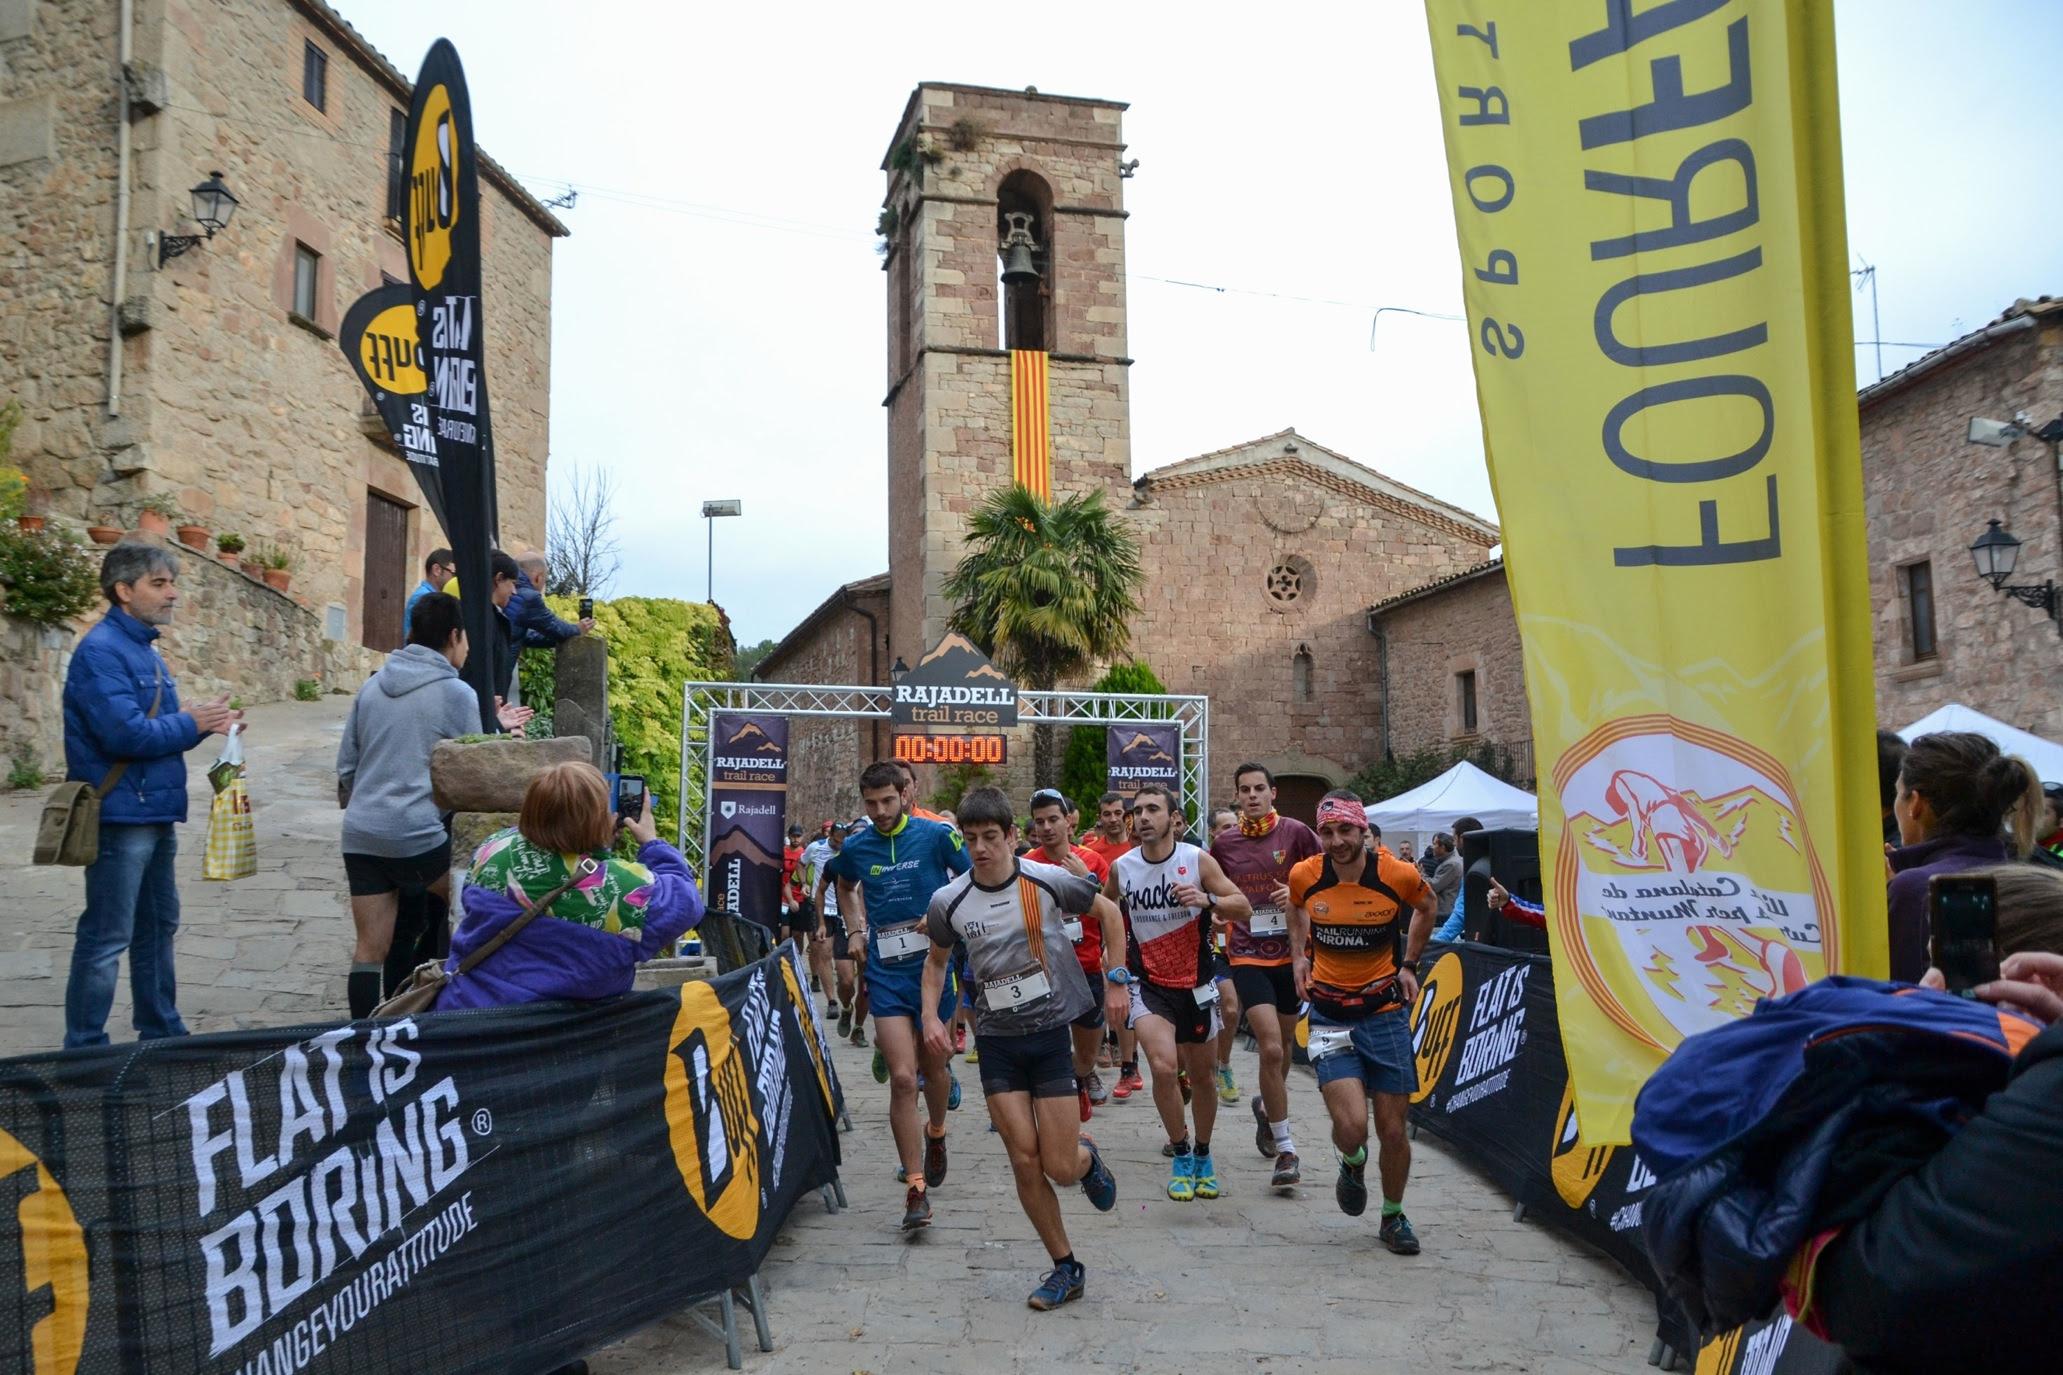 Andreu Simon i Gemma Colomé guanyen la Rajadell Trail Race i s'imposen a la Lliga Catalana de Curses de Muntanya